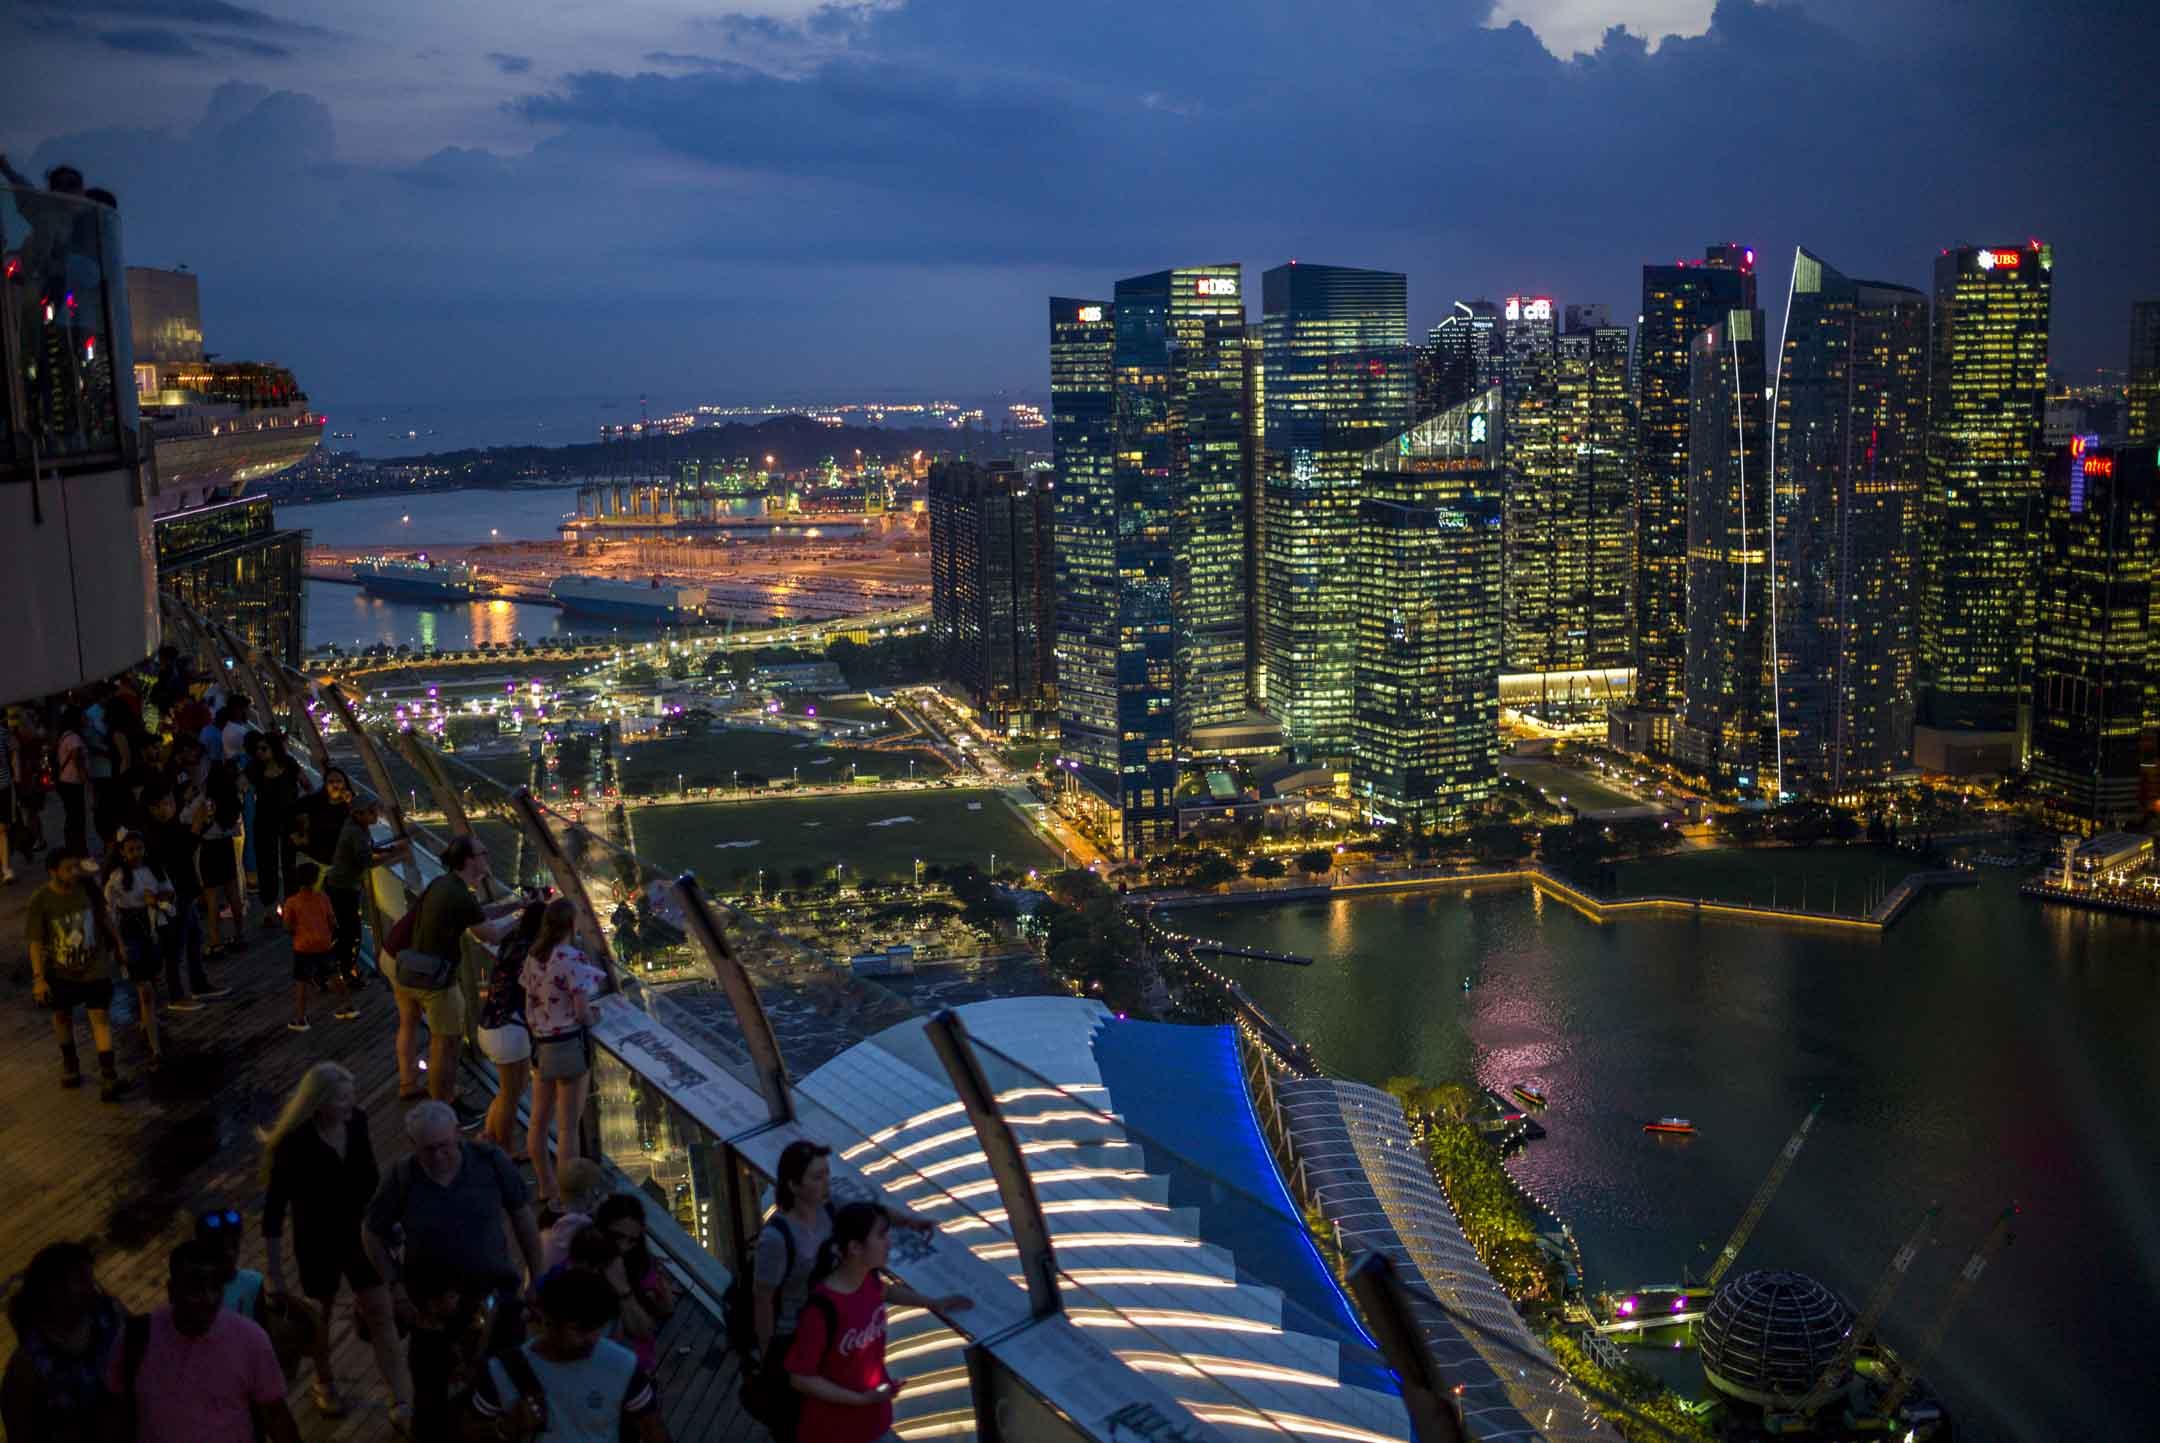 2019年4月4日,新加坡鳥瞰景觀。